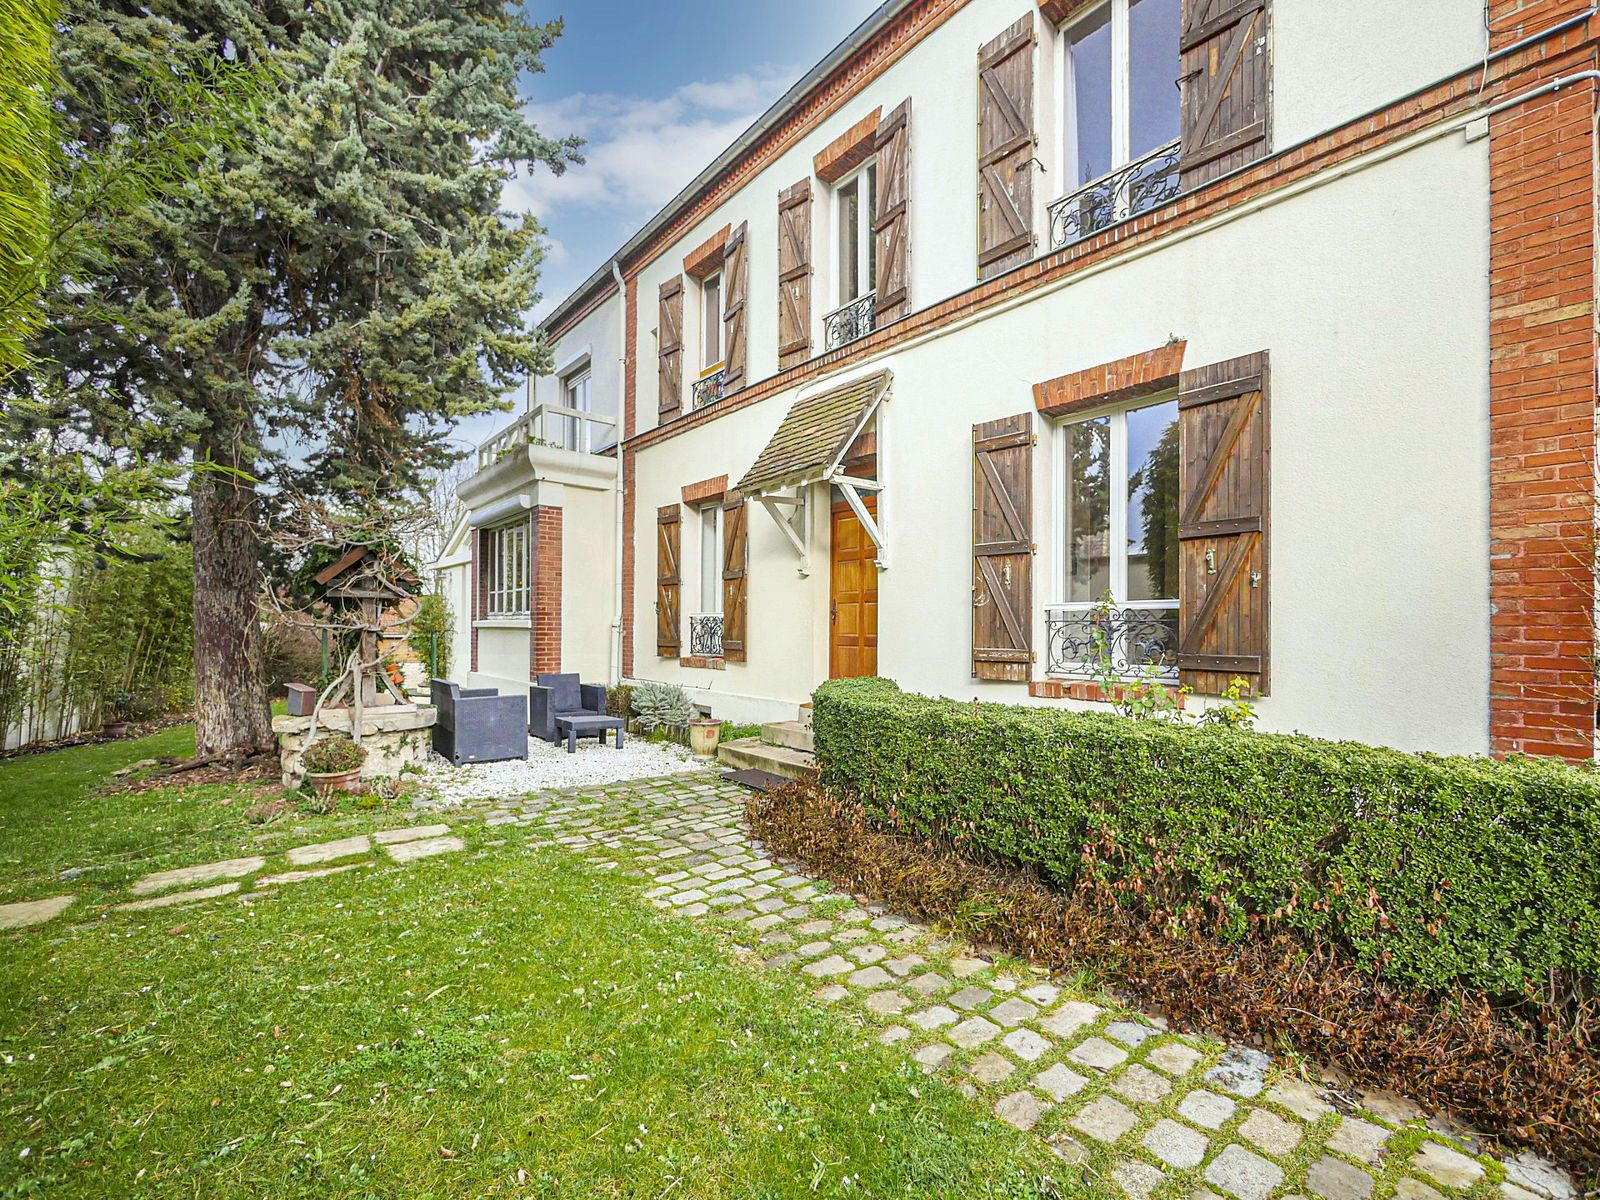 Vends maison 19ème centre ville Rueil Malmaison (92) - 170m² - 4ch